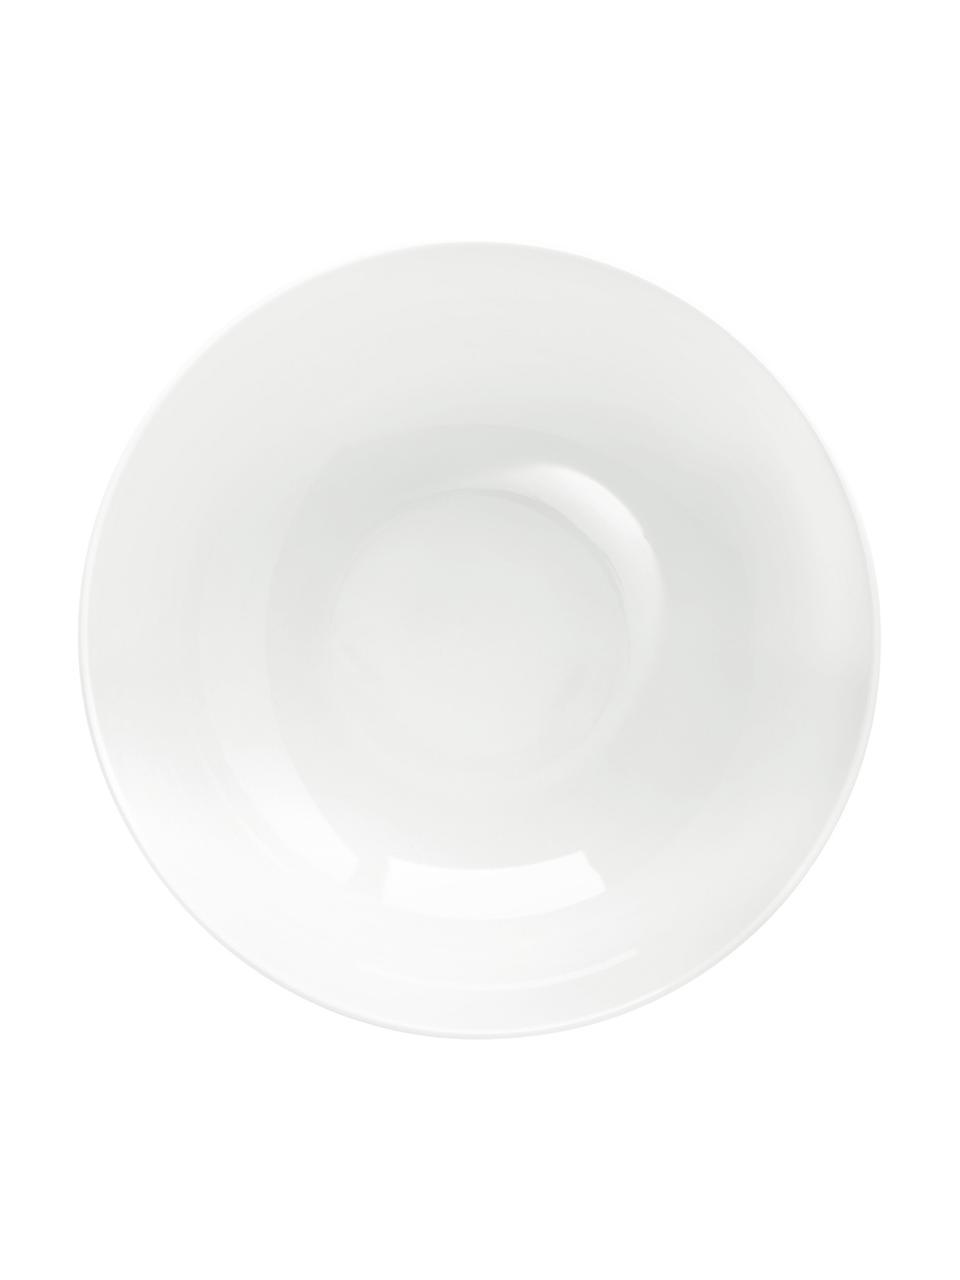 Salátová mísa z porcelánu Puro, Ø 25 cm, Bílá